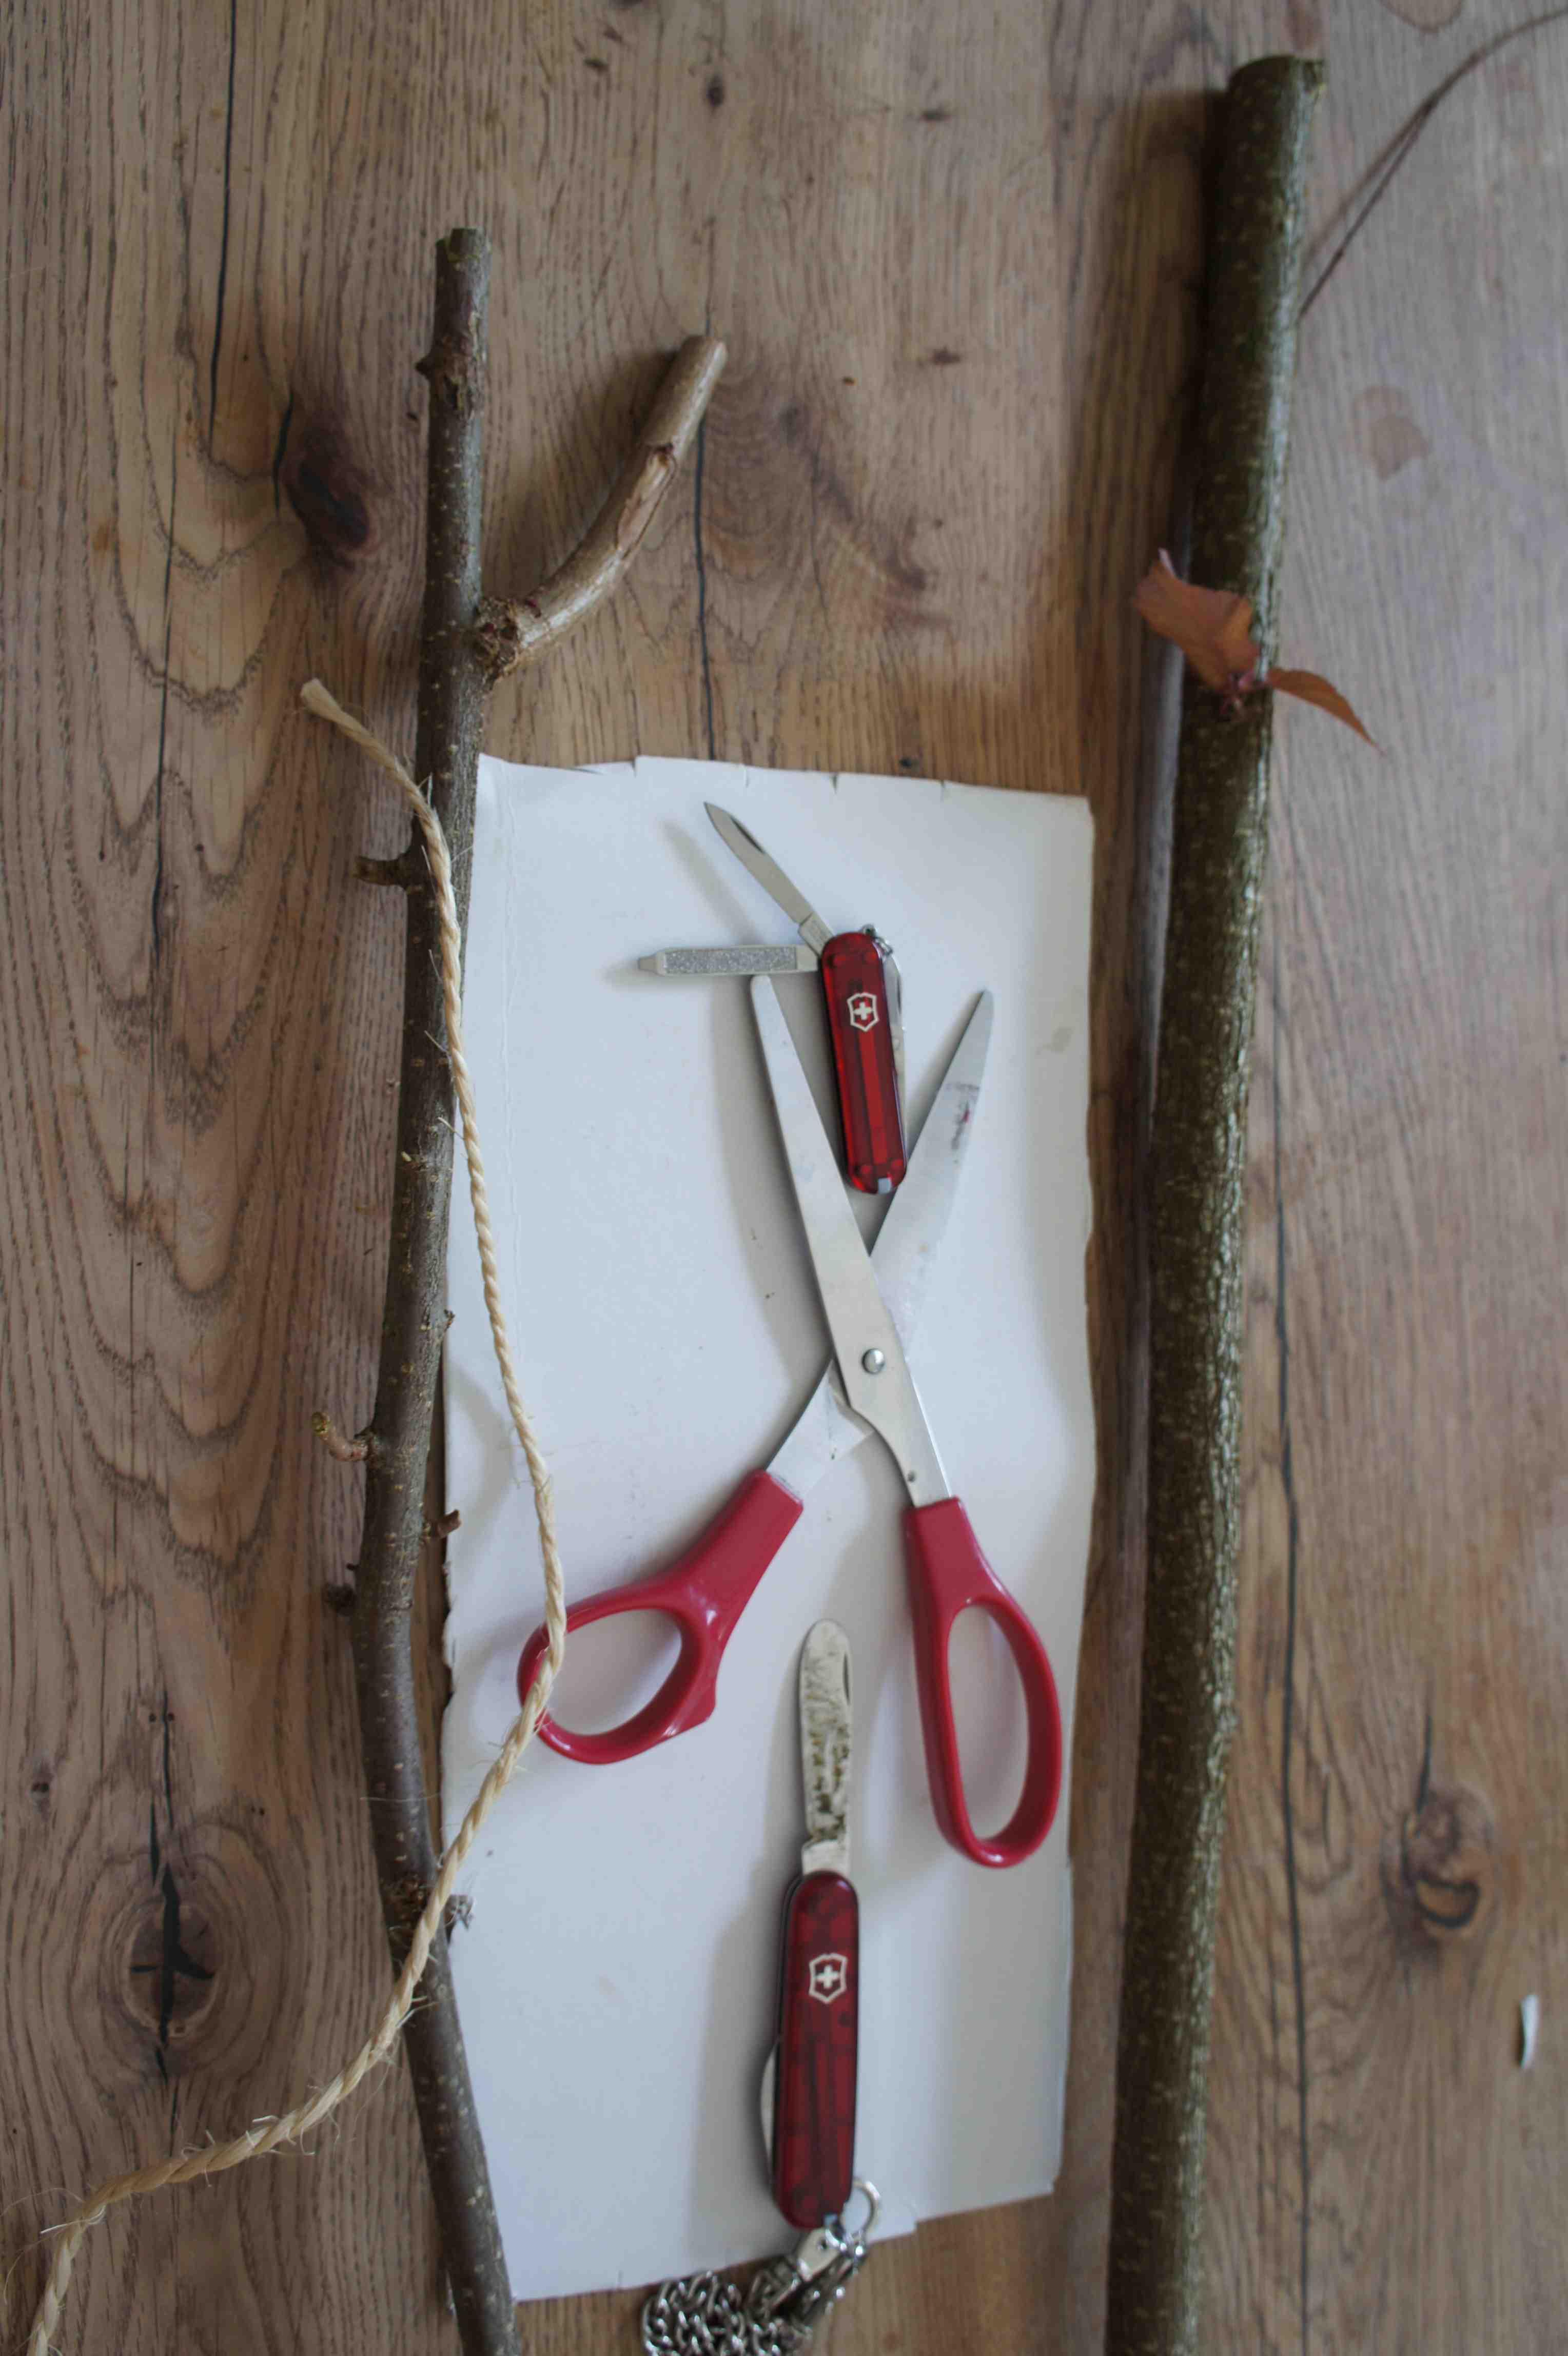 Den Weg zum Bastelgeschäft könnt Ihr Euch sparen. Um den Wurfpfeil zu basteln habt Ihr sicher alles an Material zuhause. Foto: (c) Kinderoutdoor.de